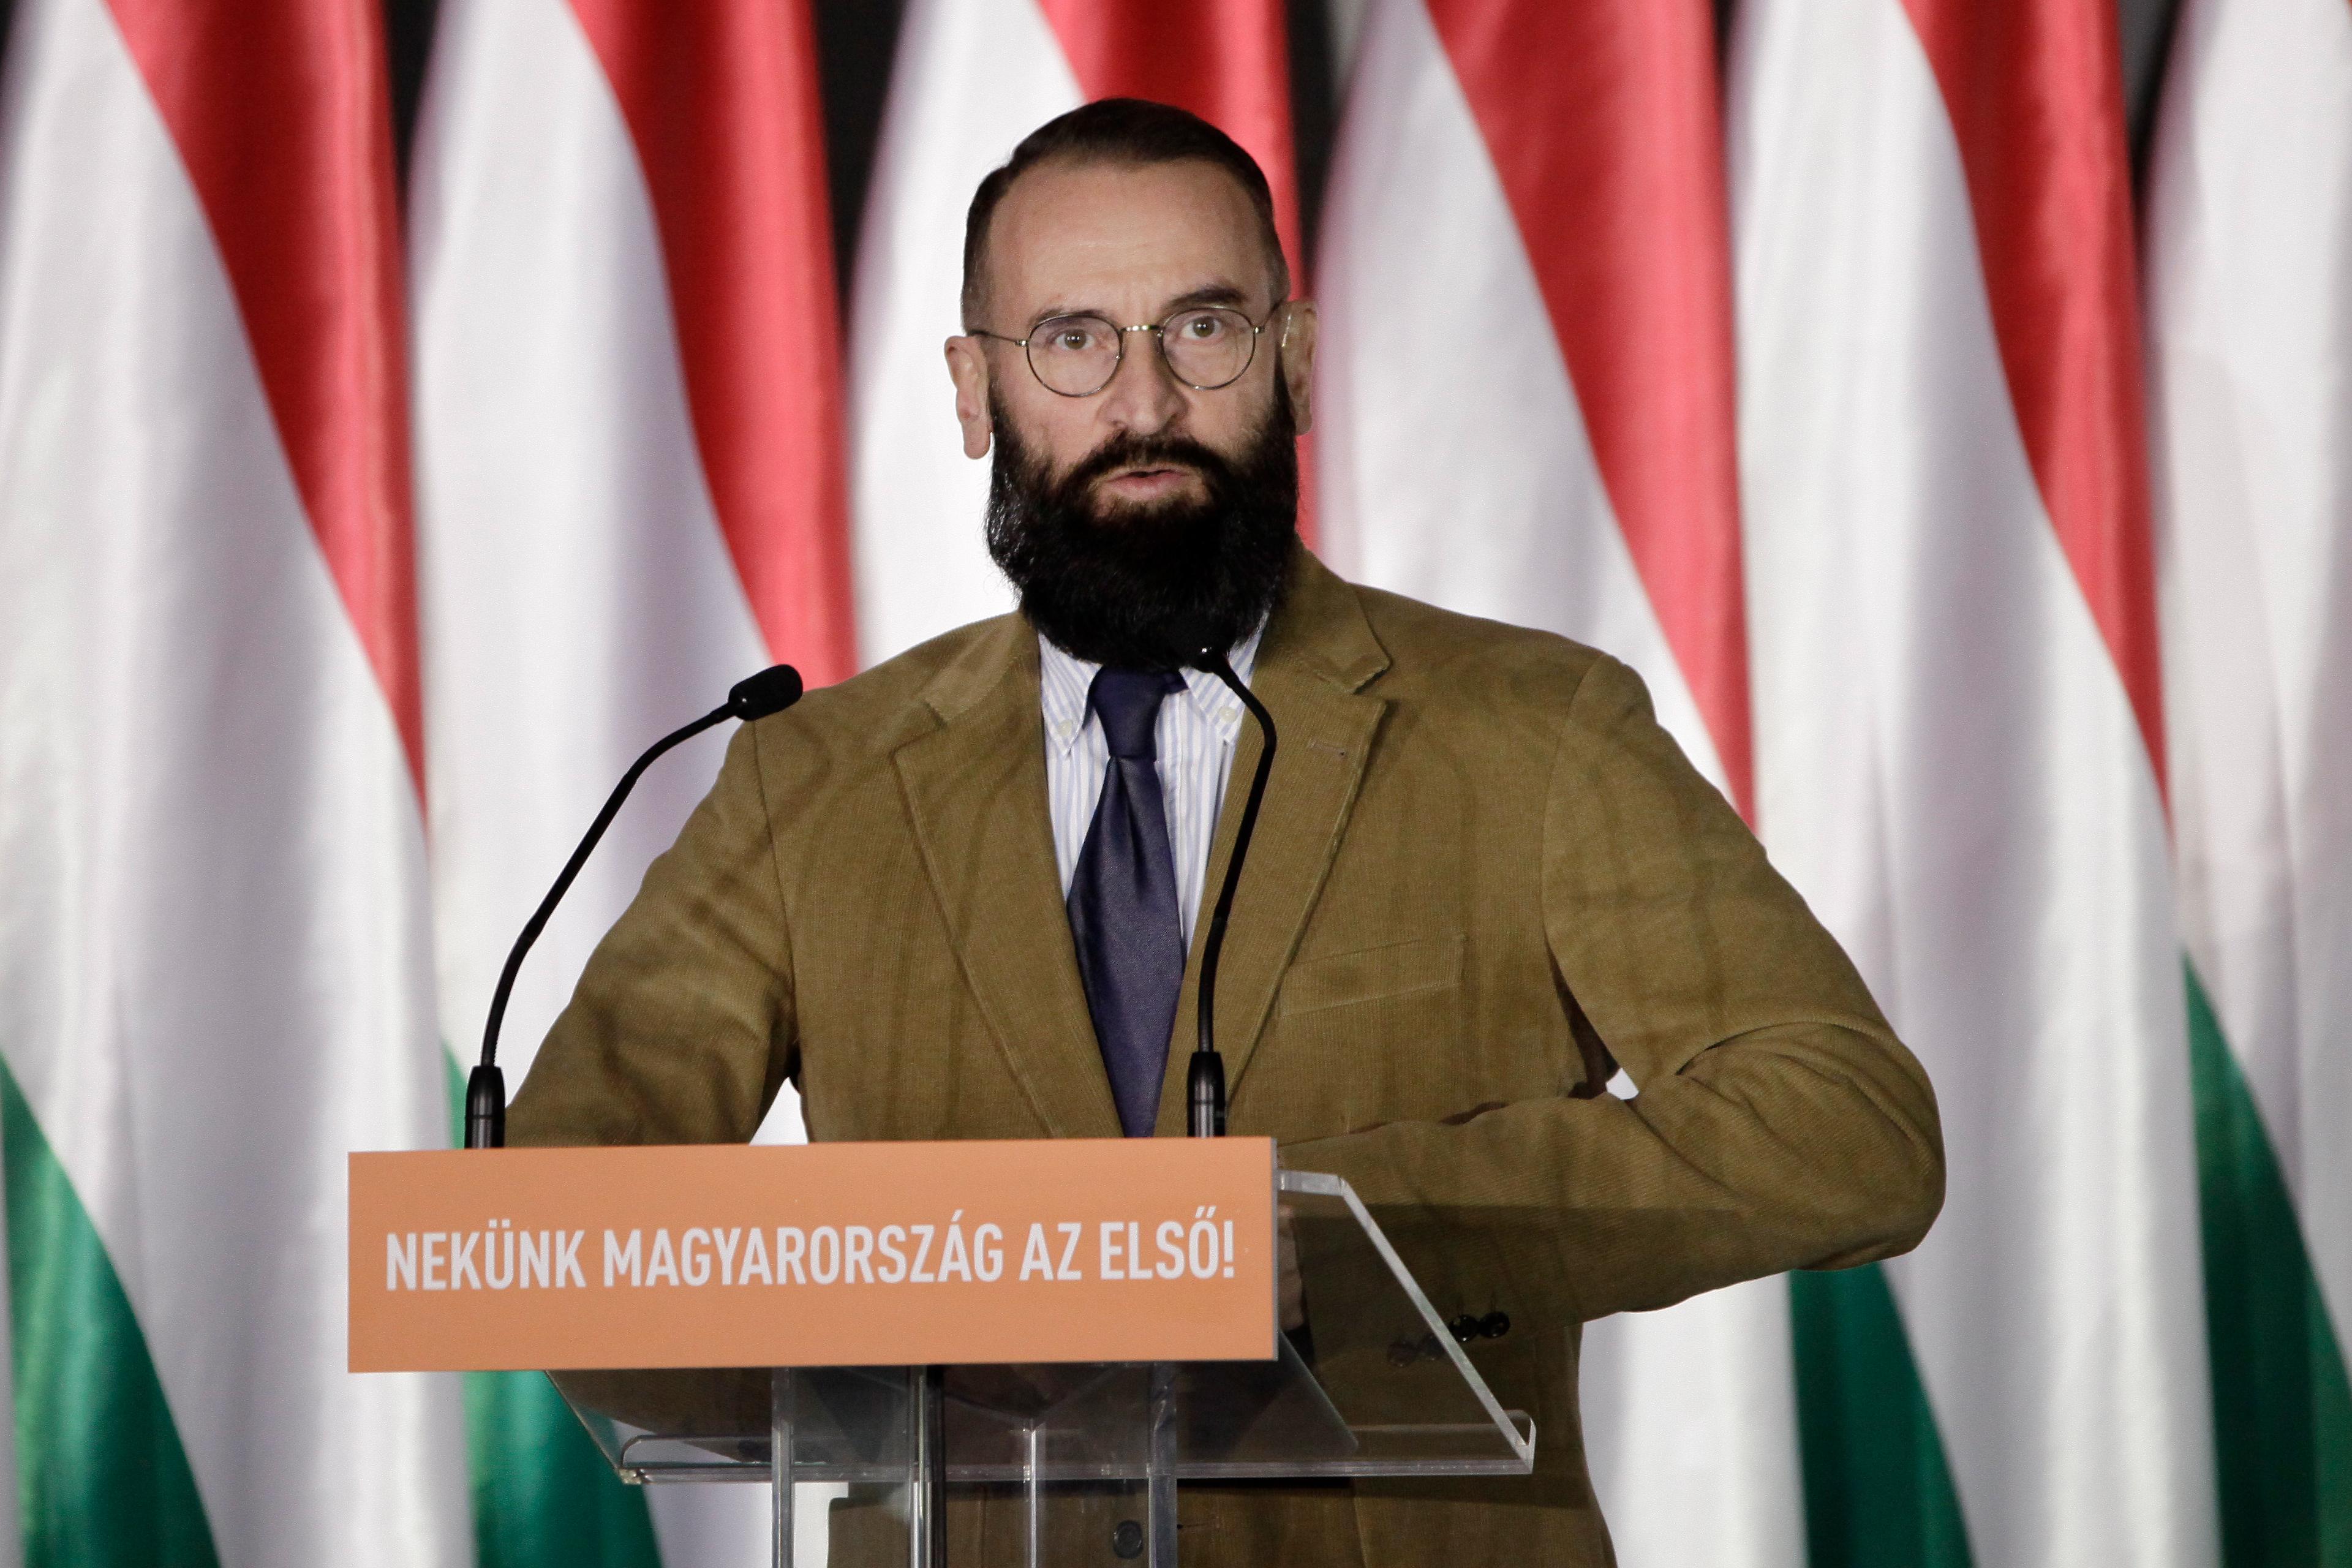 Szájer József elismerte, hogy ő volt ott a brüsszeli buliban, amire lecsapott a rendőrség